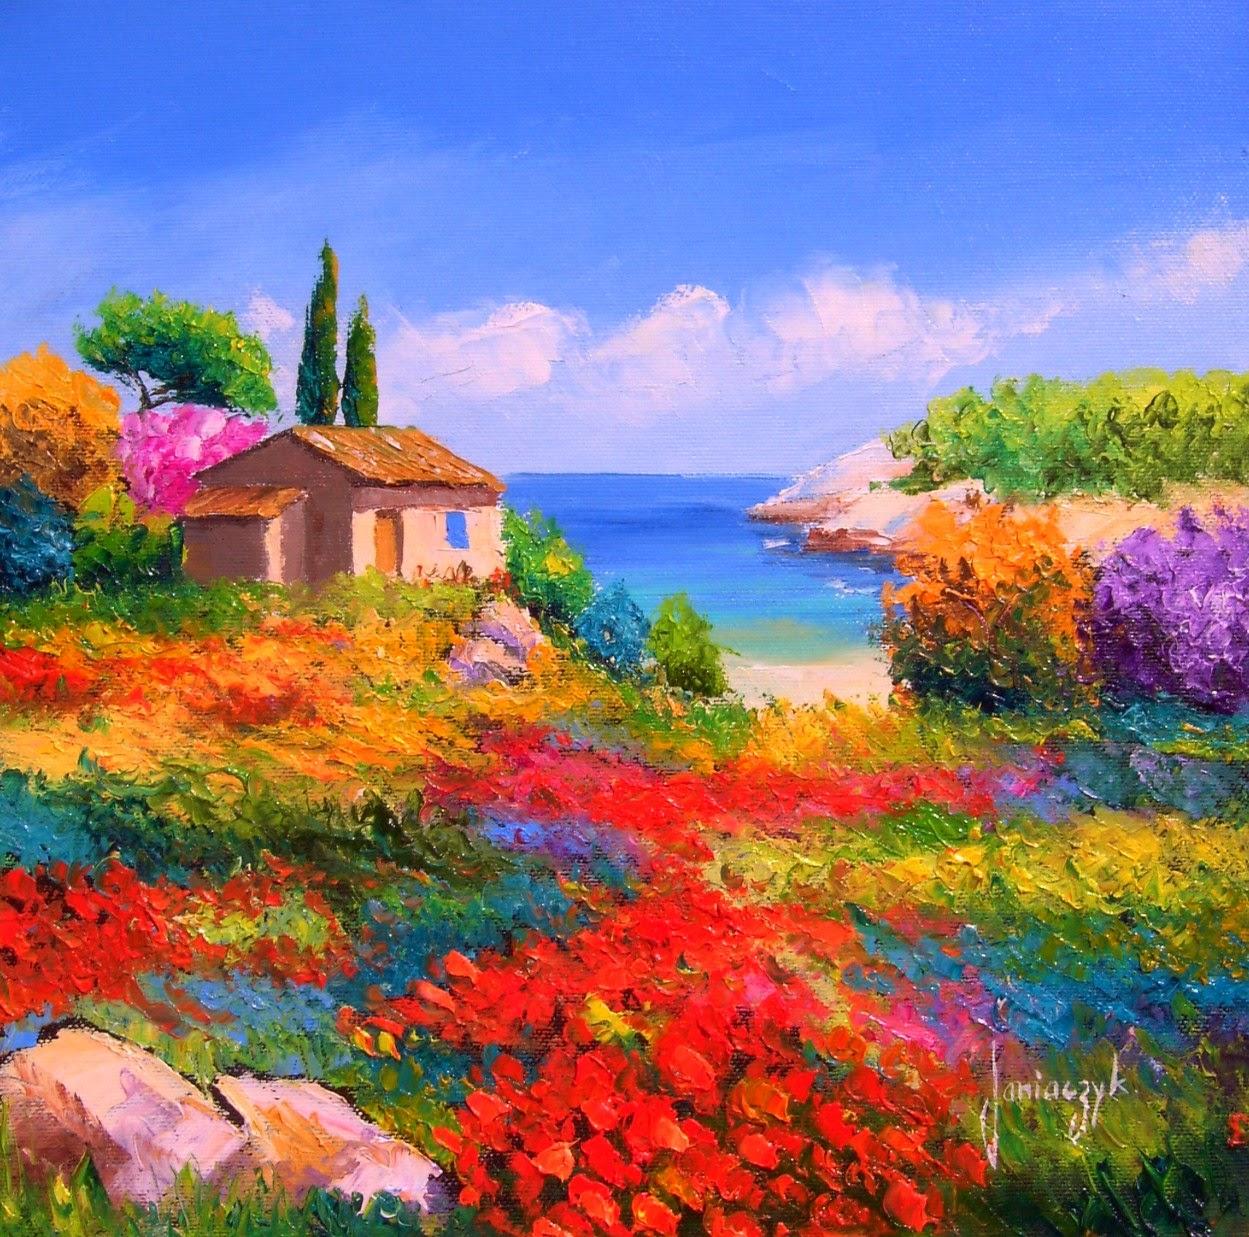 Imagenes Arte Pinturas Paisajes Con Flores Pinturas Decorativas En